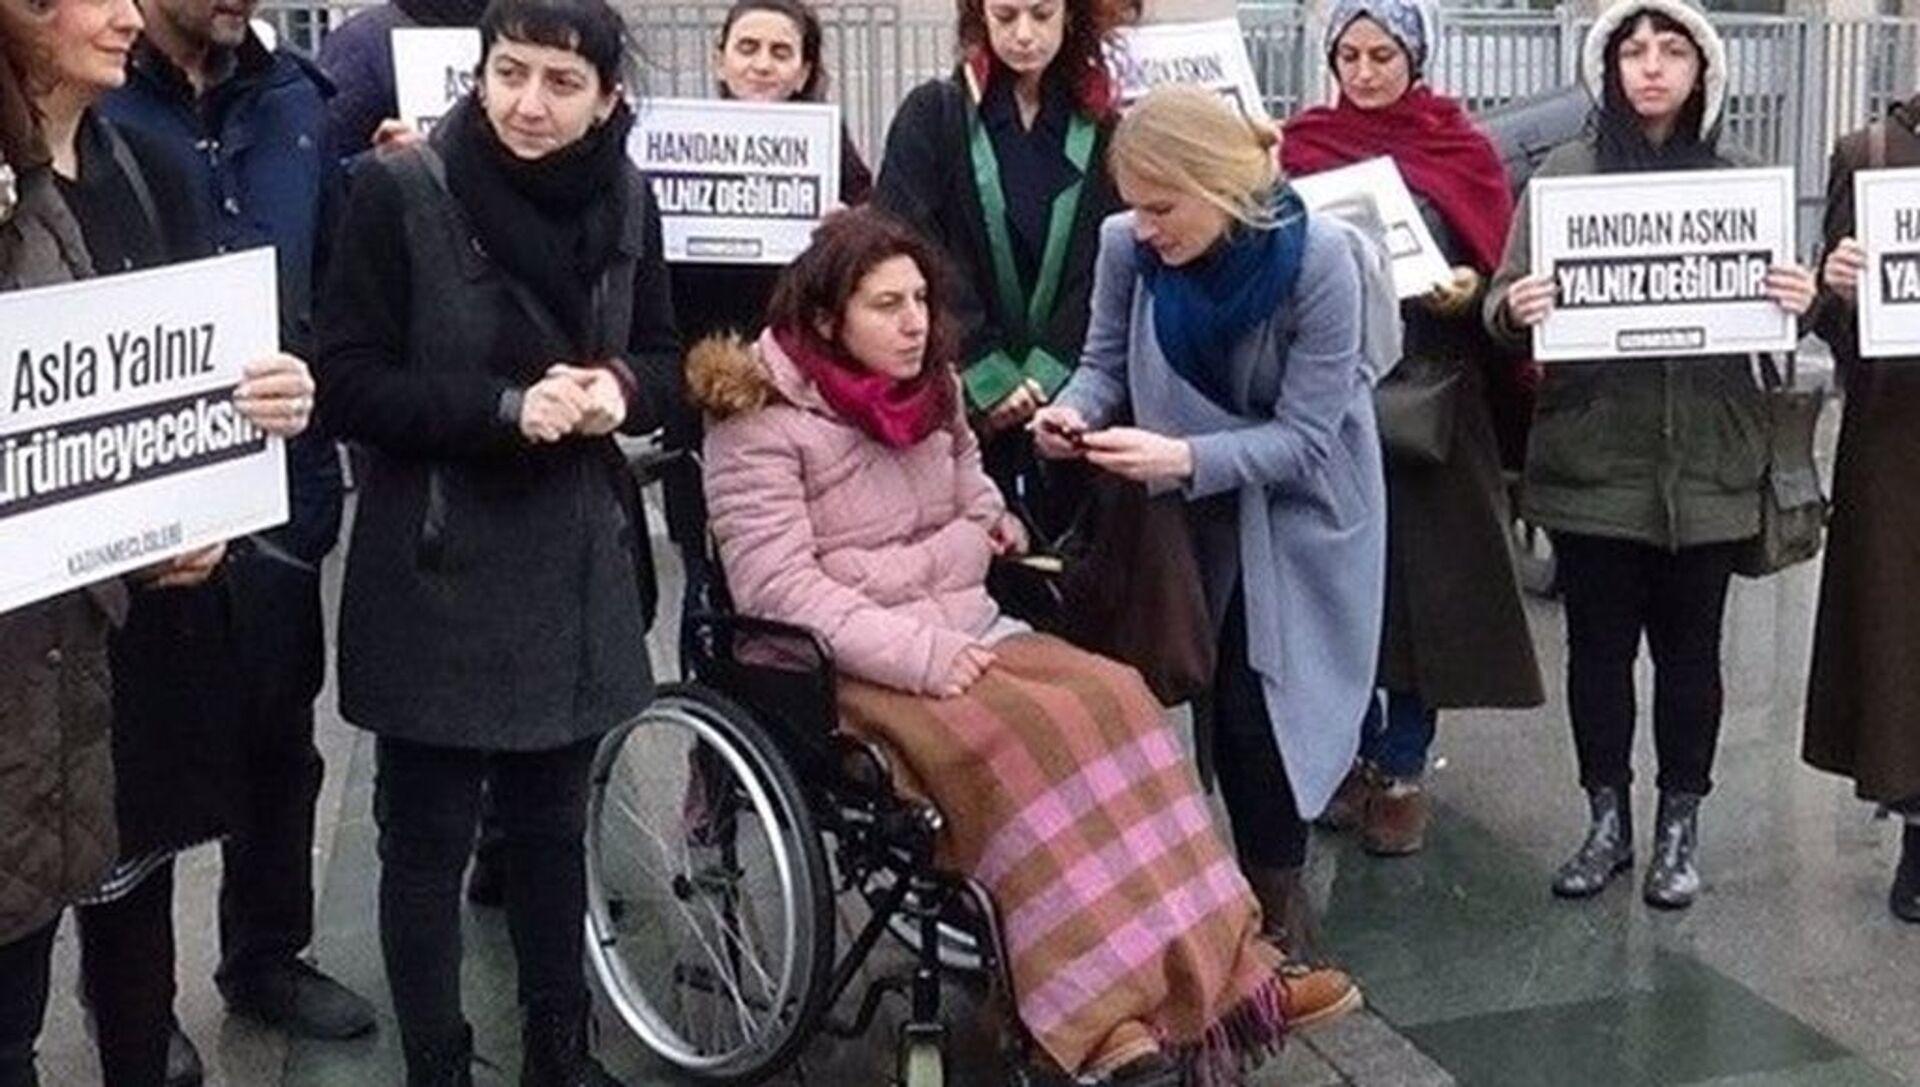 Boşanma davası açan Handan Aşkın'ı felç bırakan saldırgan erkek Emre Aşkın'a ceza indirimi - Sputnik Türkiye, 1920, 21.04.2021